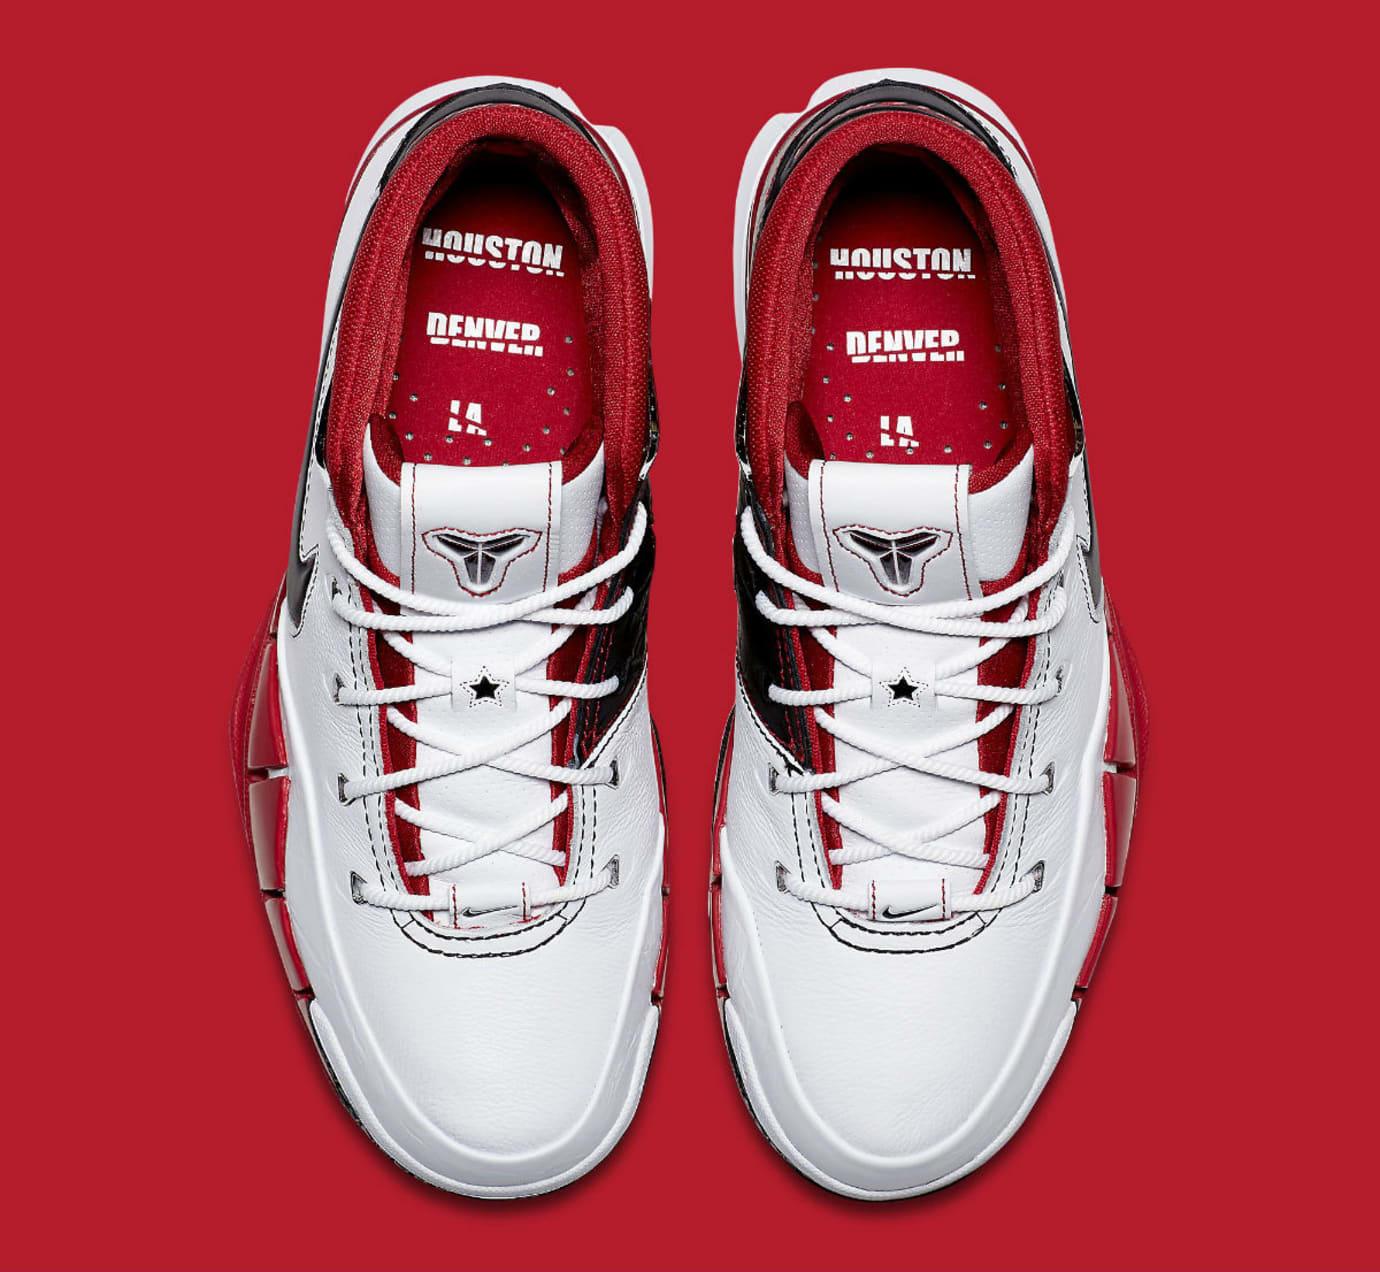 0c8aa4f389a5 Image via Nike Nike Zoom Kobe 1 Protro All-Star Release Date AQ2728-102 Top